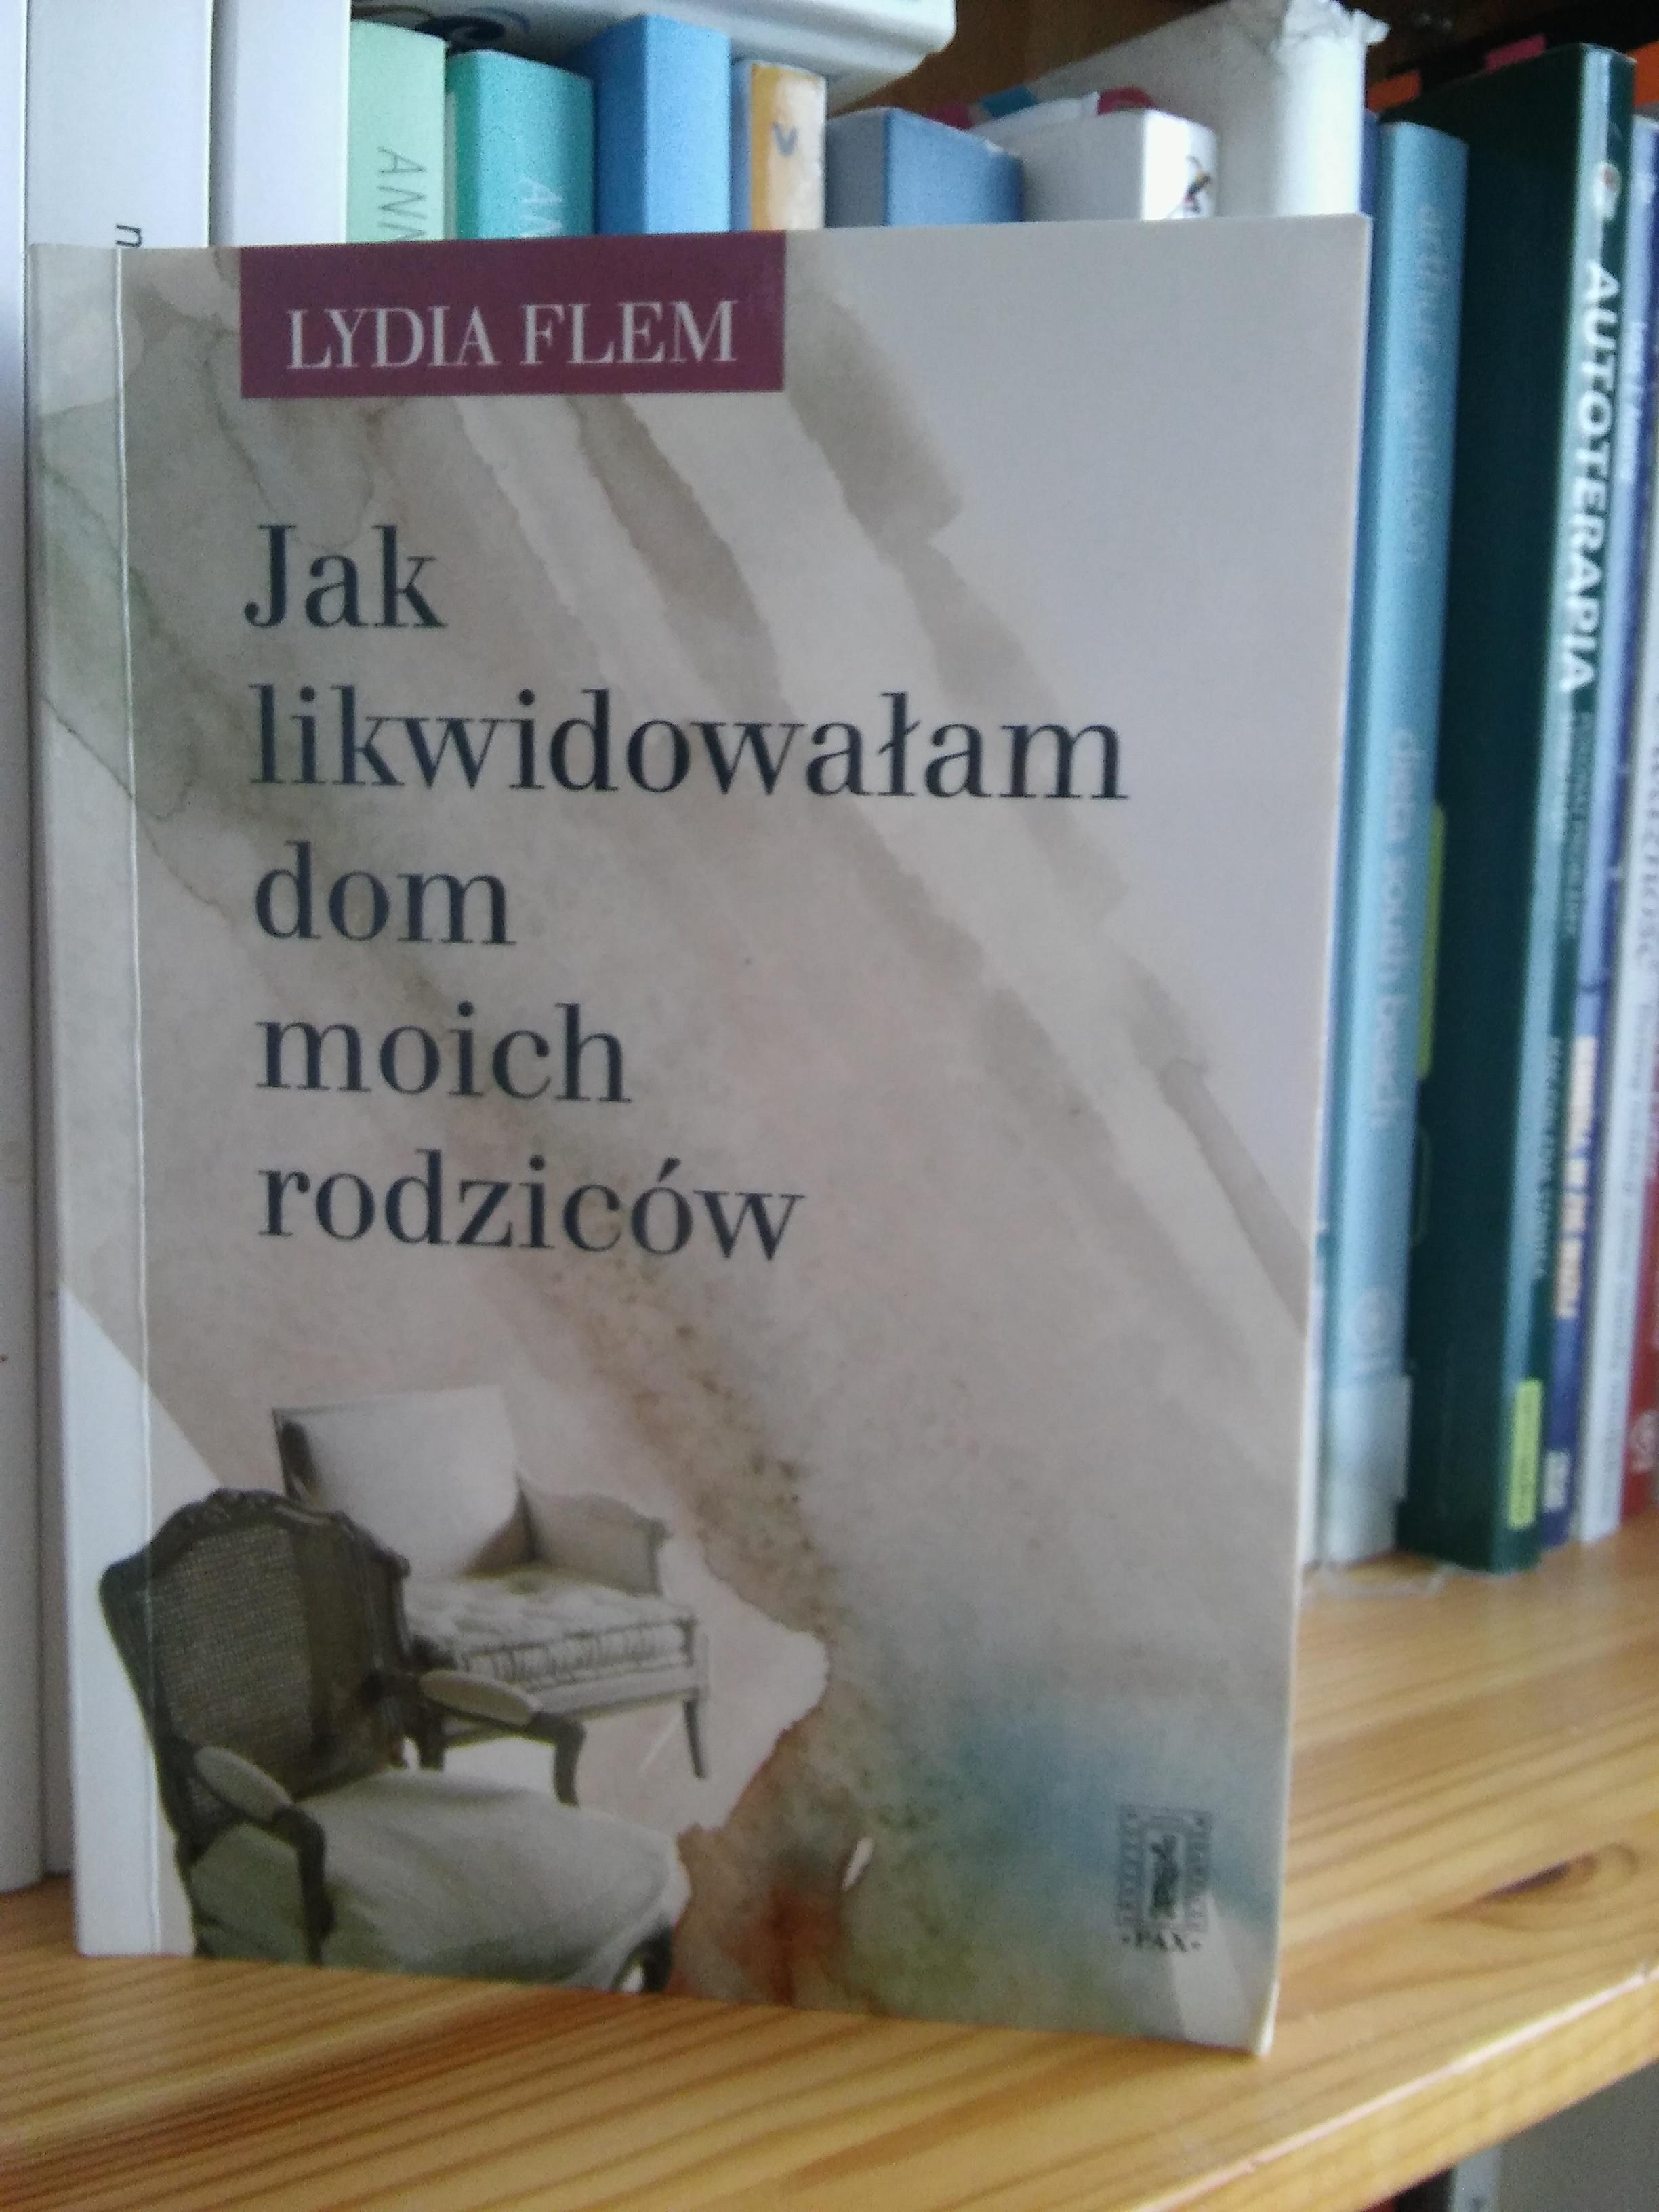 wysokajakosczycia.com